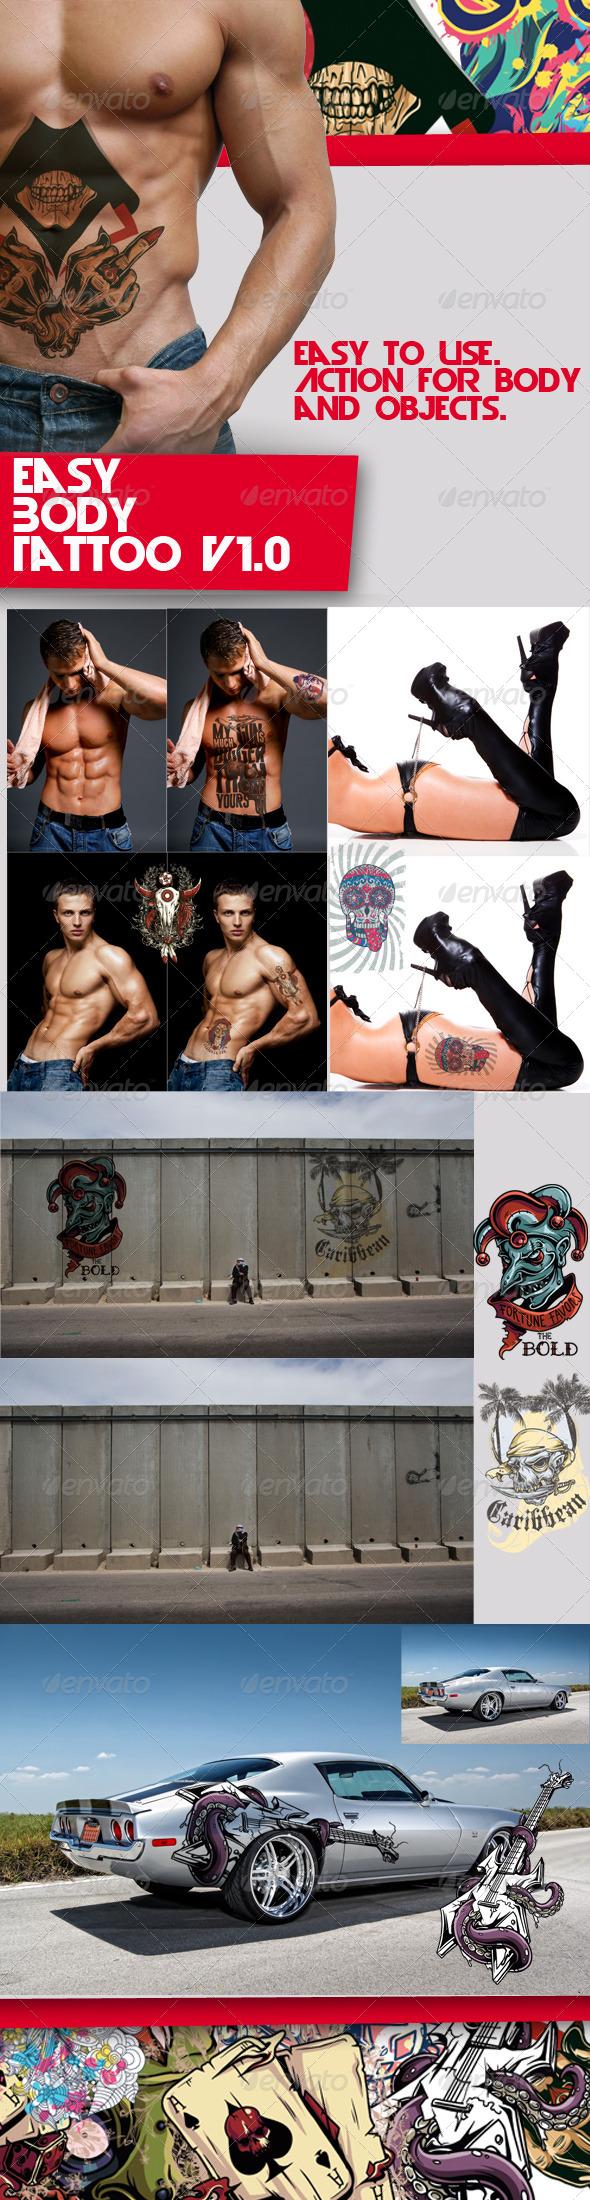 GraphicRiver Easy Body Tattoo V1.0 5255085